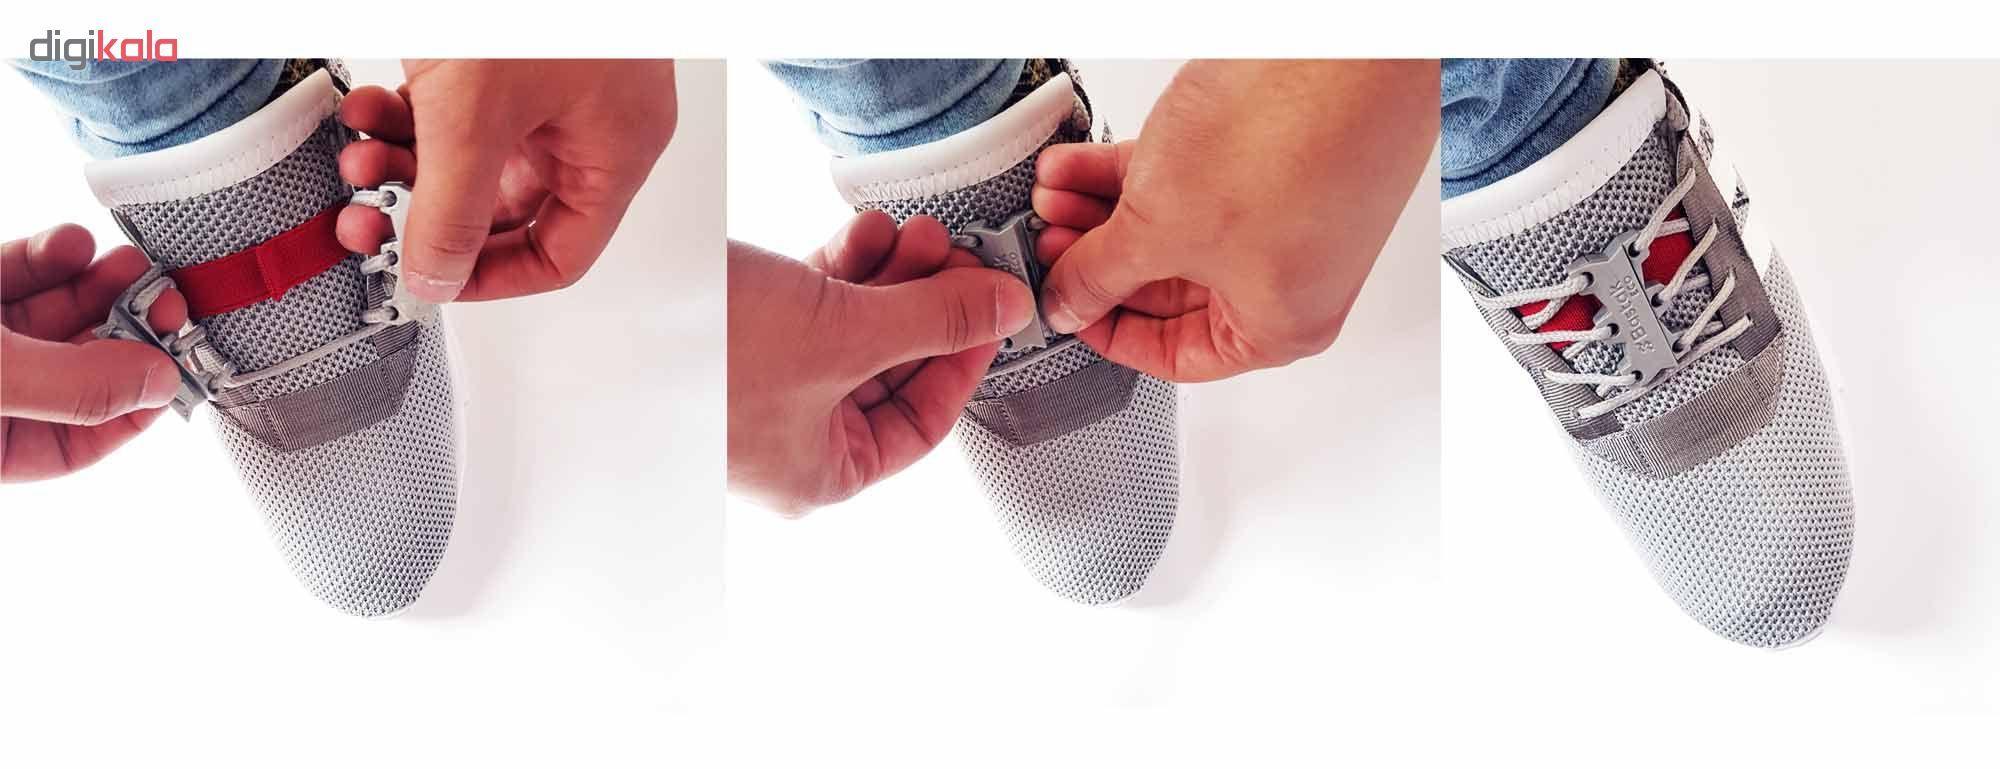 بند کفش مغناطیسی بستاک مدل اِکو E112 رنگ قهوه ای main 1 12